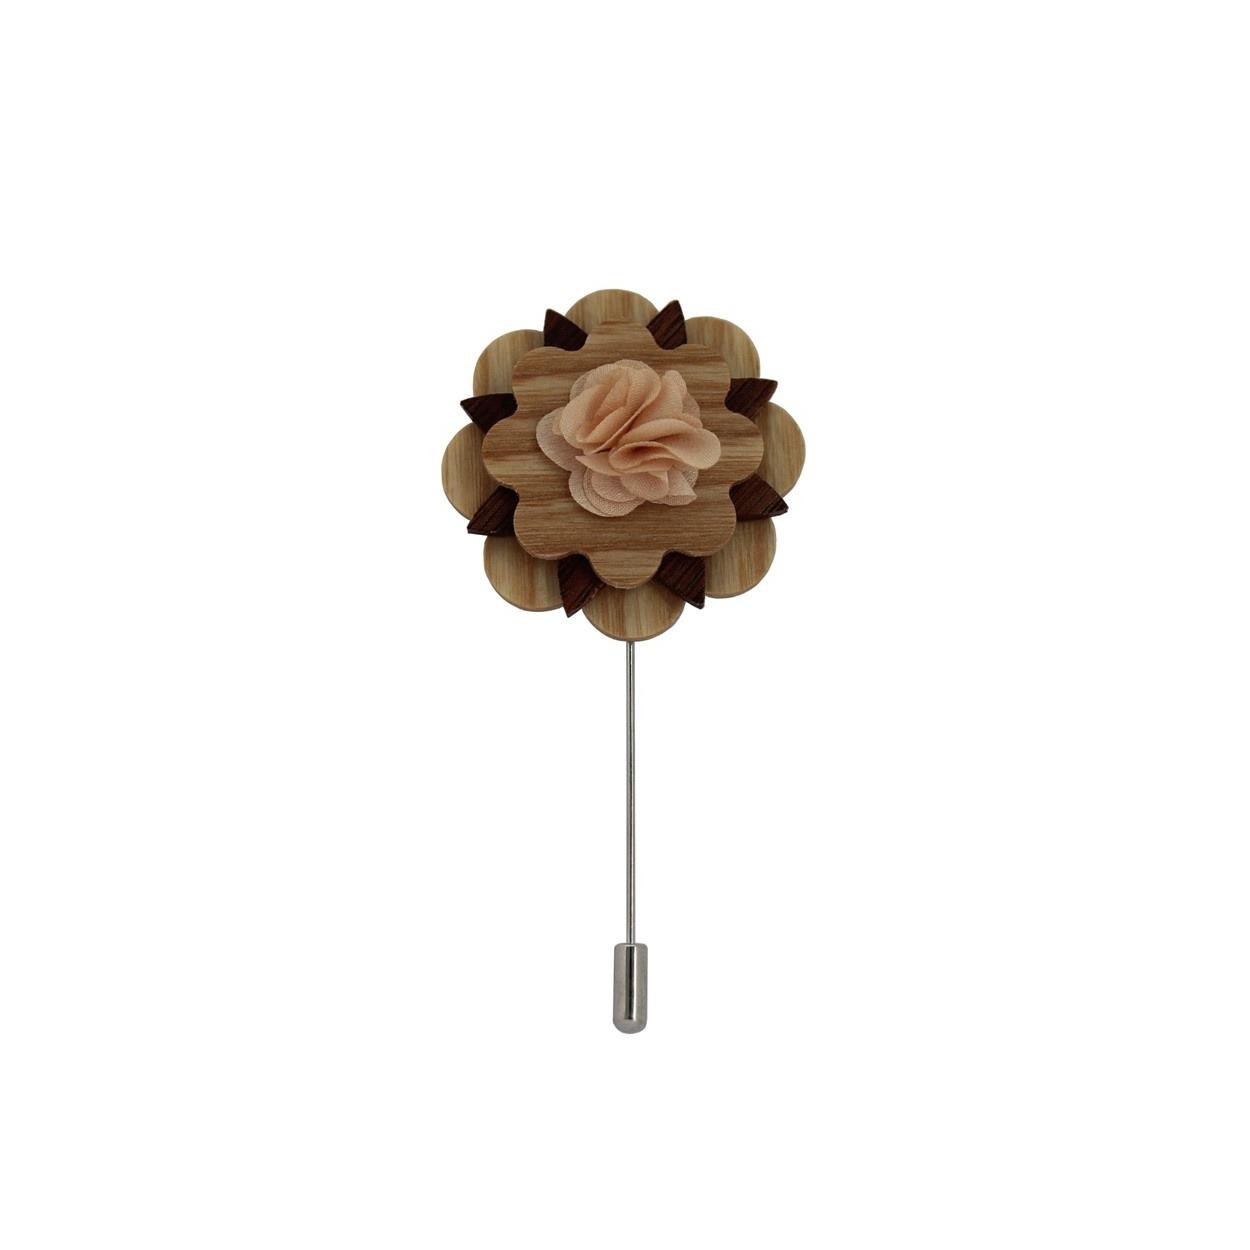 Starorůžová dřevěná květina do klopy